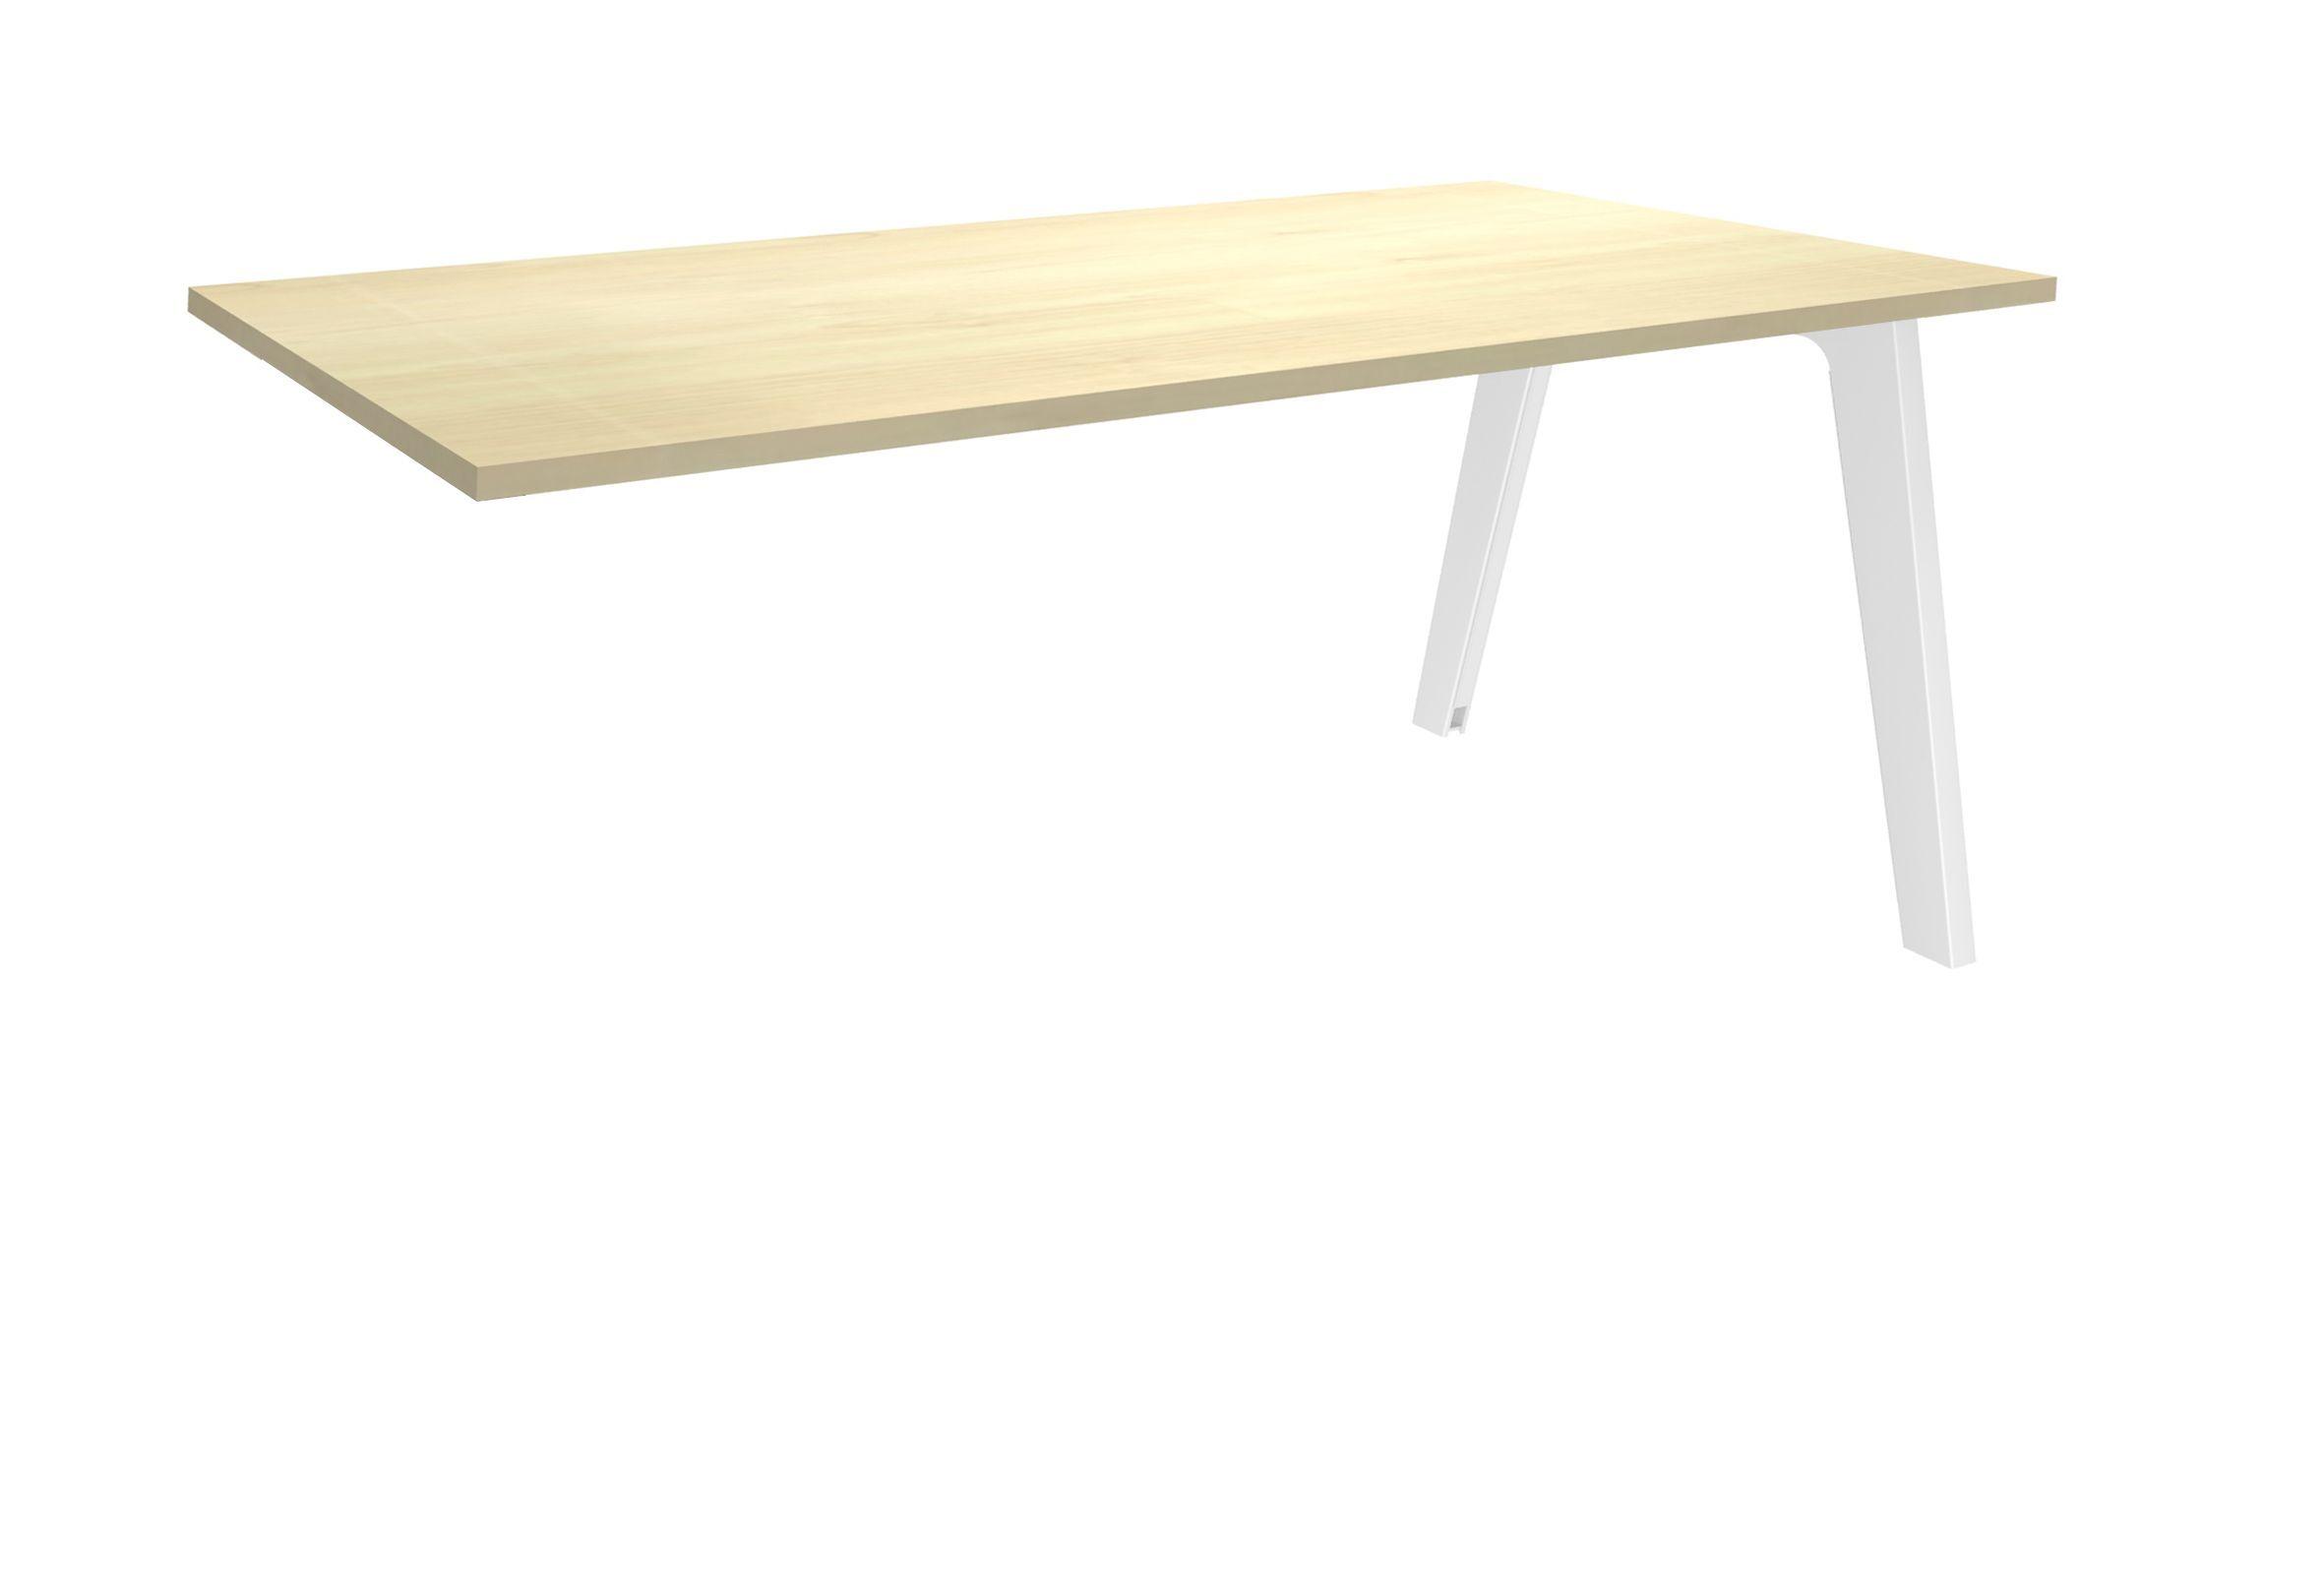 Bureau simple STEELY - L140 cm - Plan suivant - Pieds blanc - plateau imitation Erable